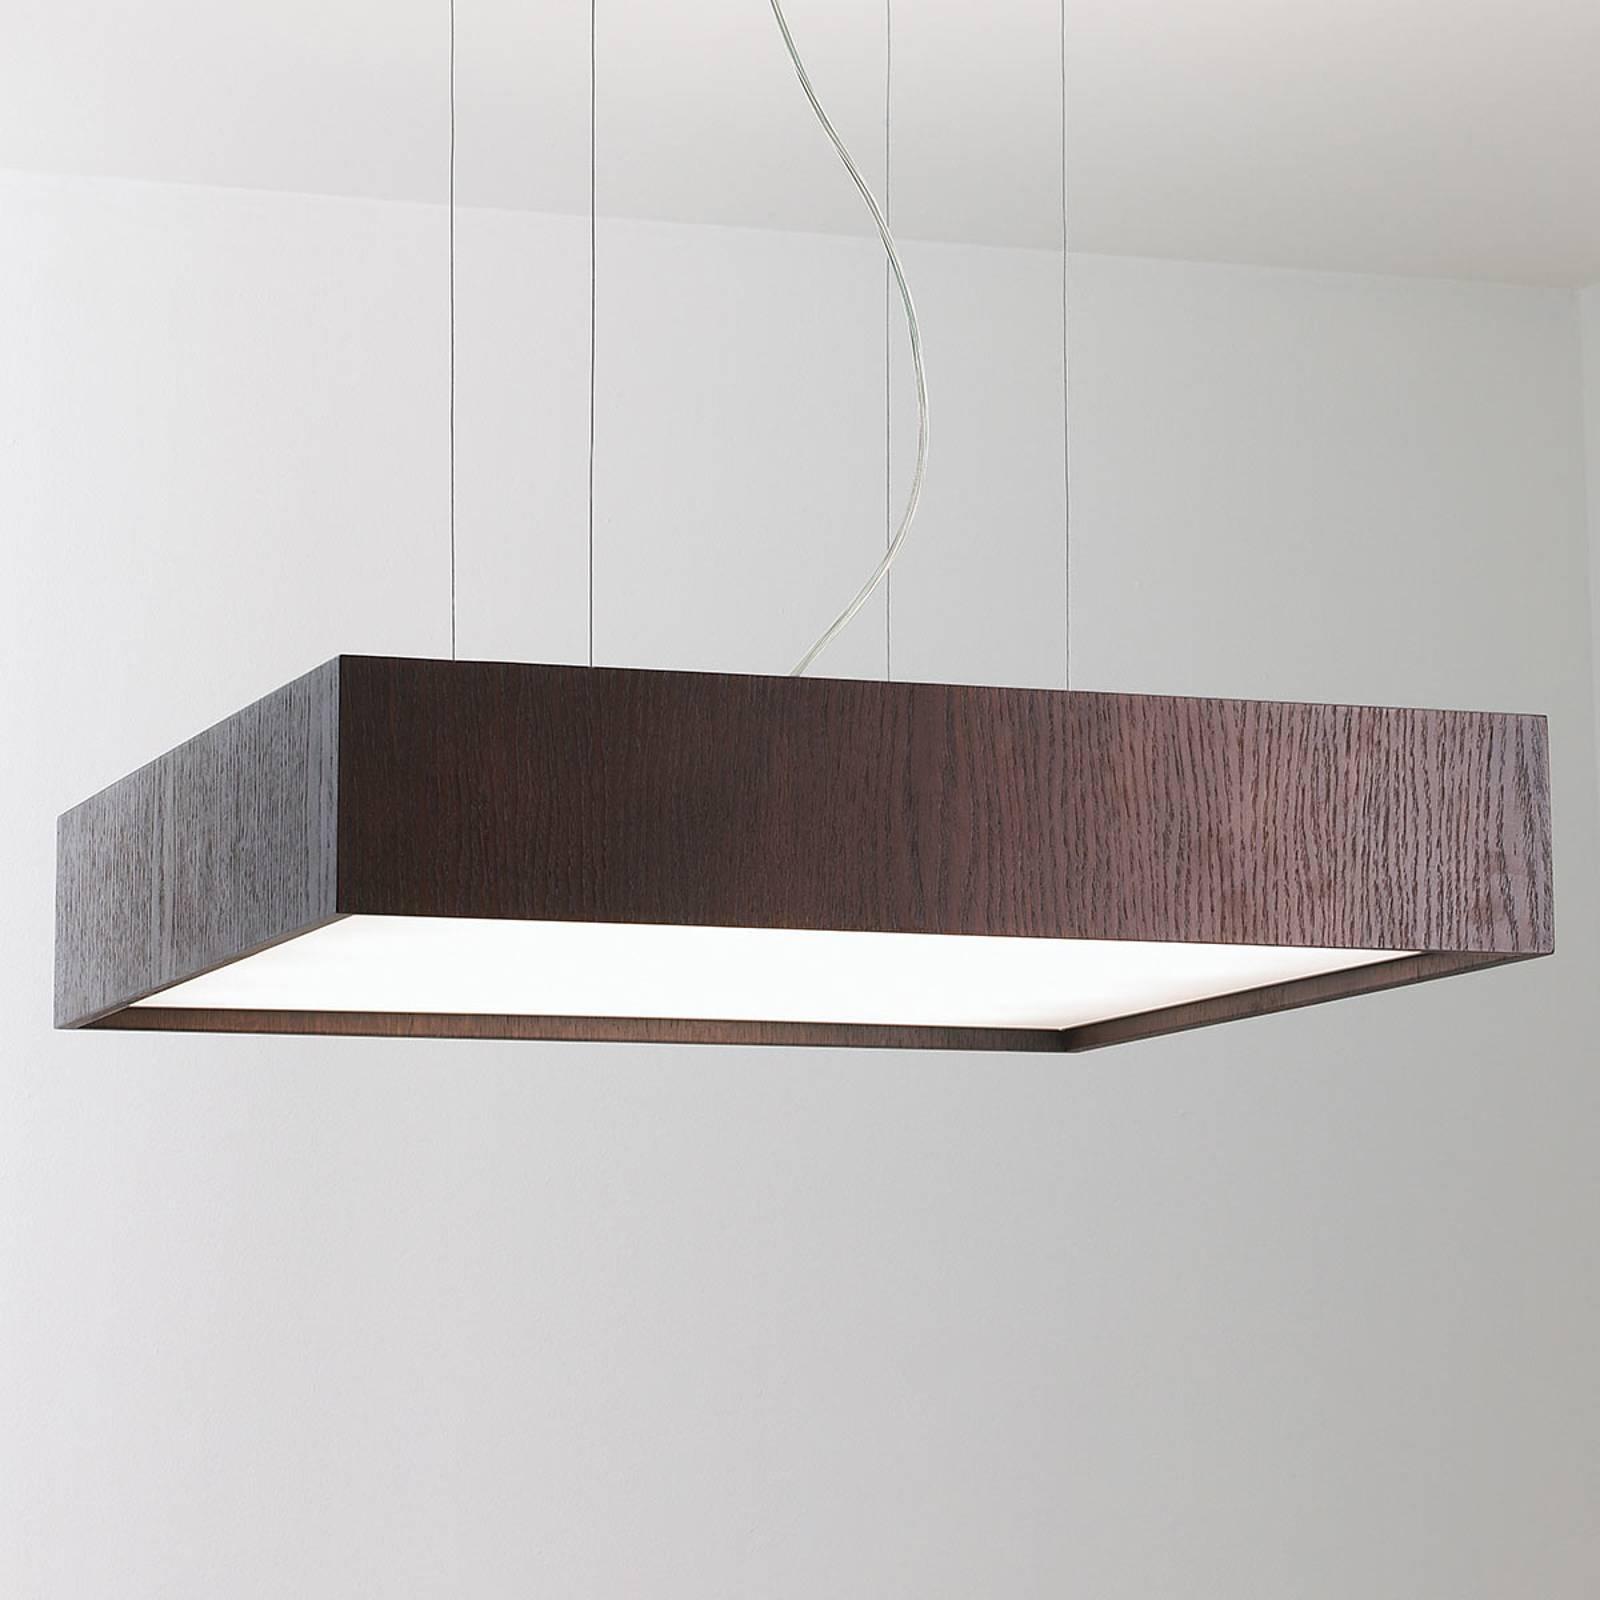 LED-Hängeleuchte Quadrat S 60x60, wenge